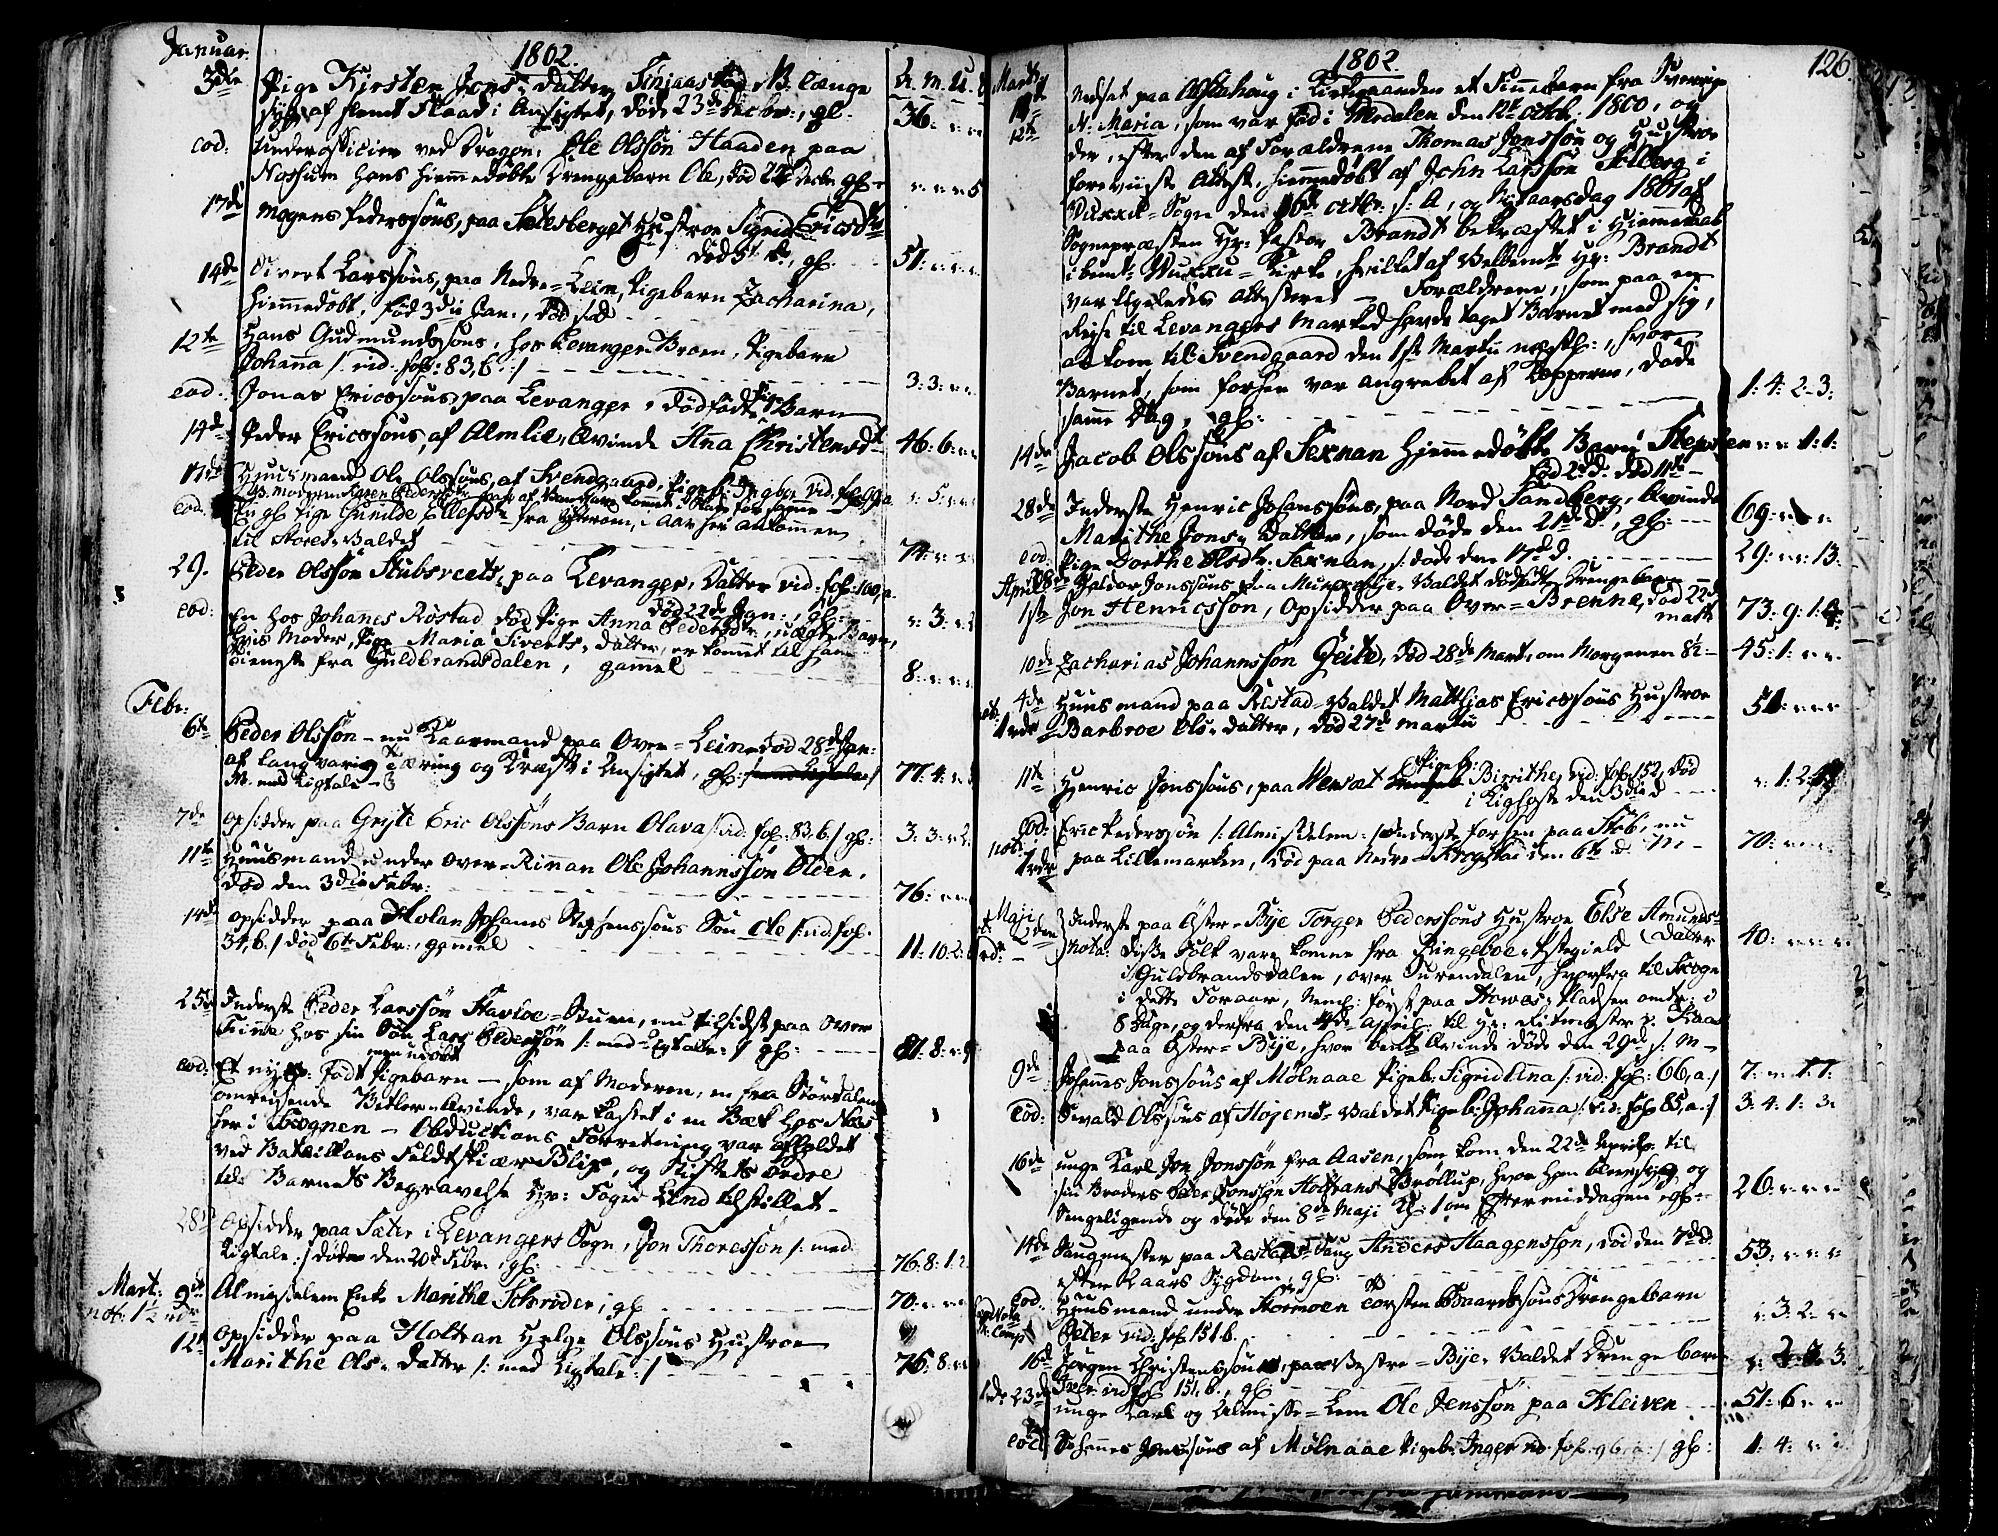 SAT, Ministerialprotokoller, klokkerbøker og fødselsregistre - Nord-Trøndelag, 717/L0142: Ministerialbok nr. 717A02 /1, 1783-1809, s. 126